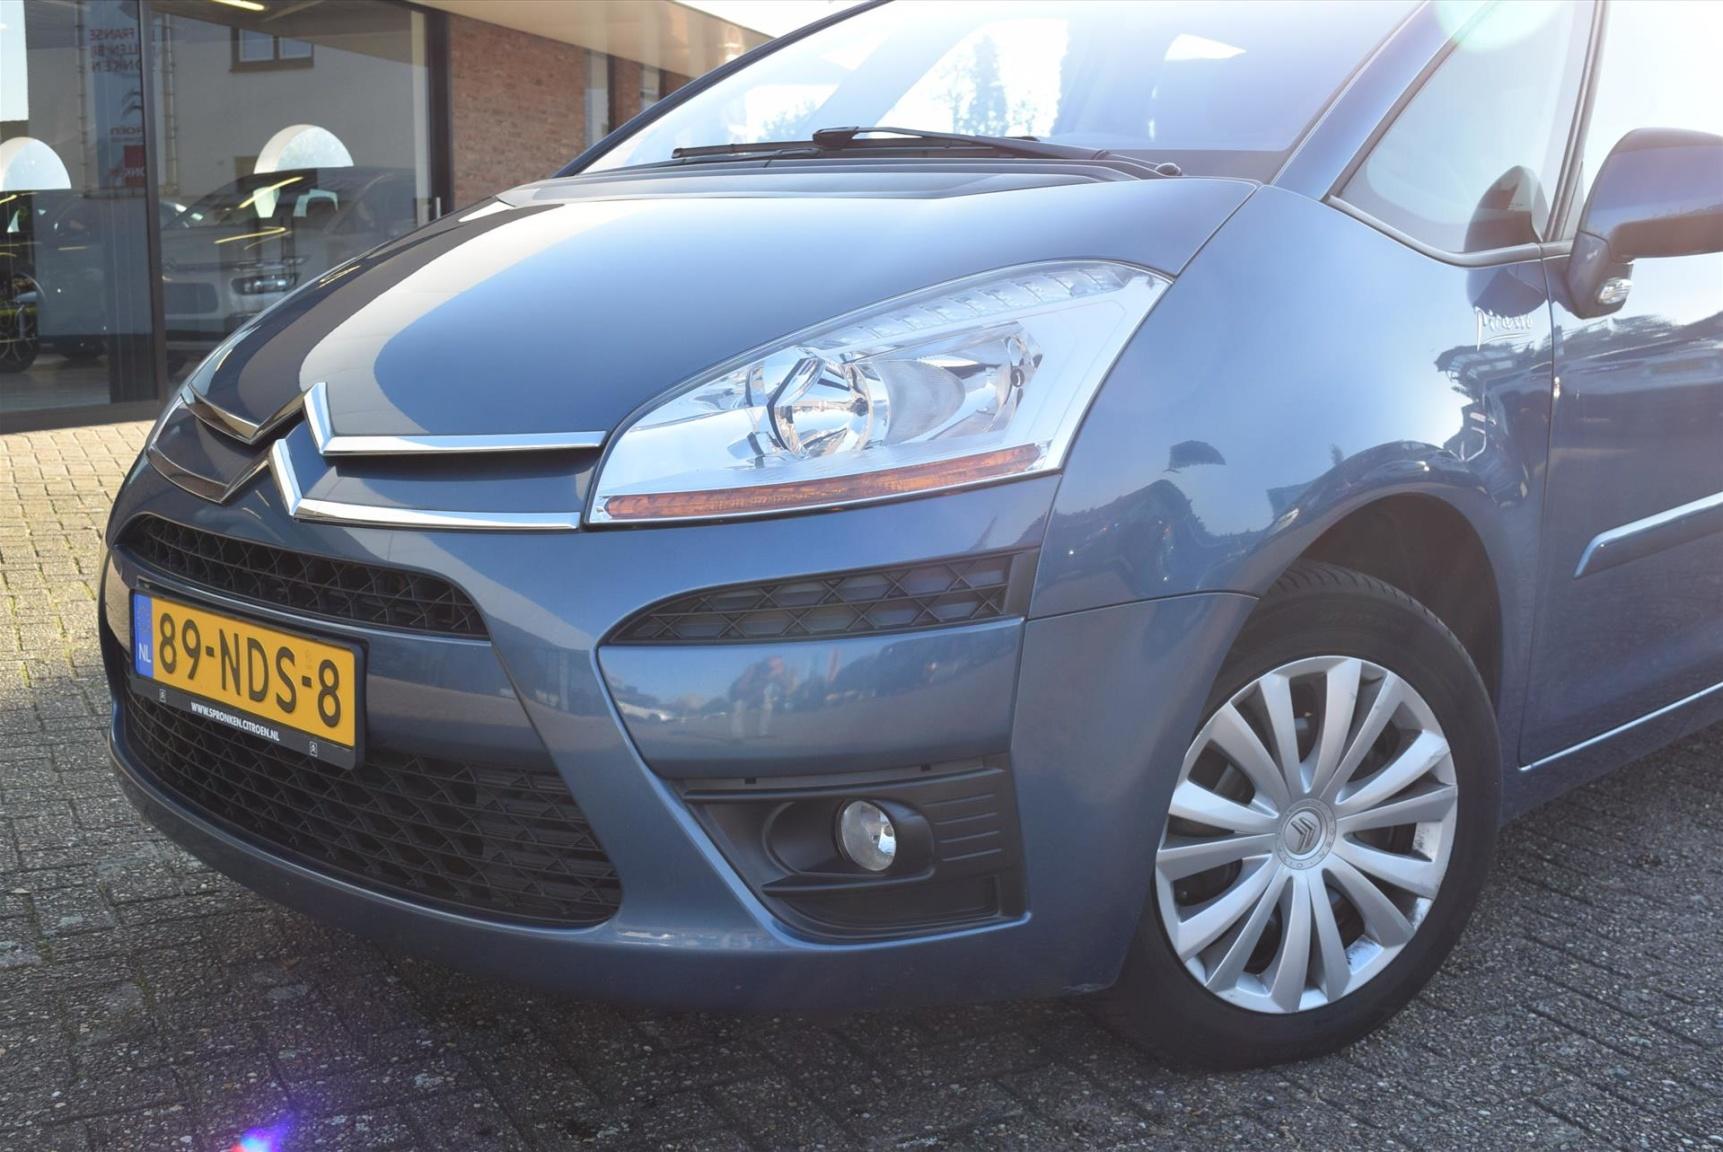 Citroën-C4 Picasso-5